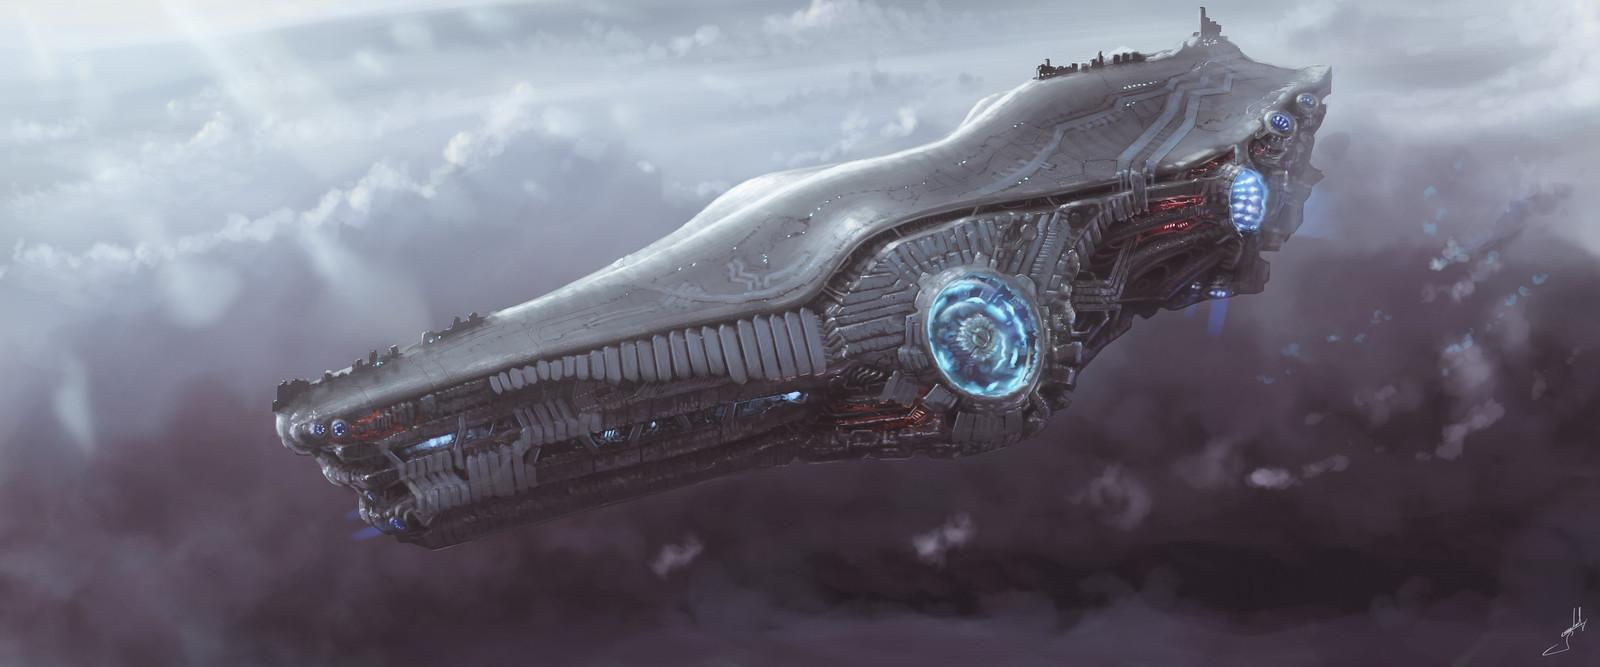 Gravity Spaceship